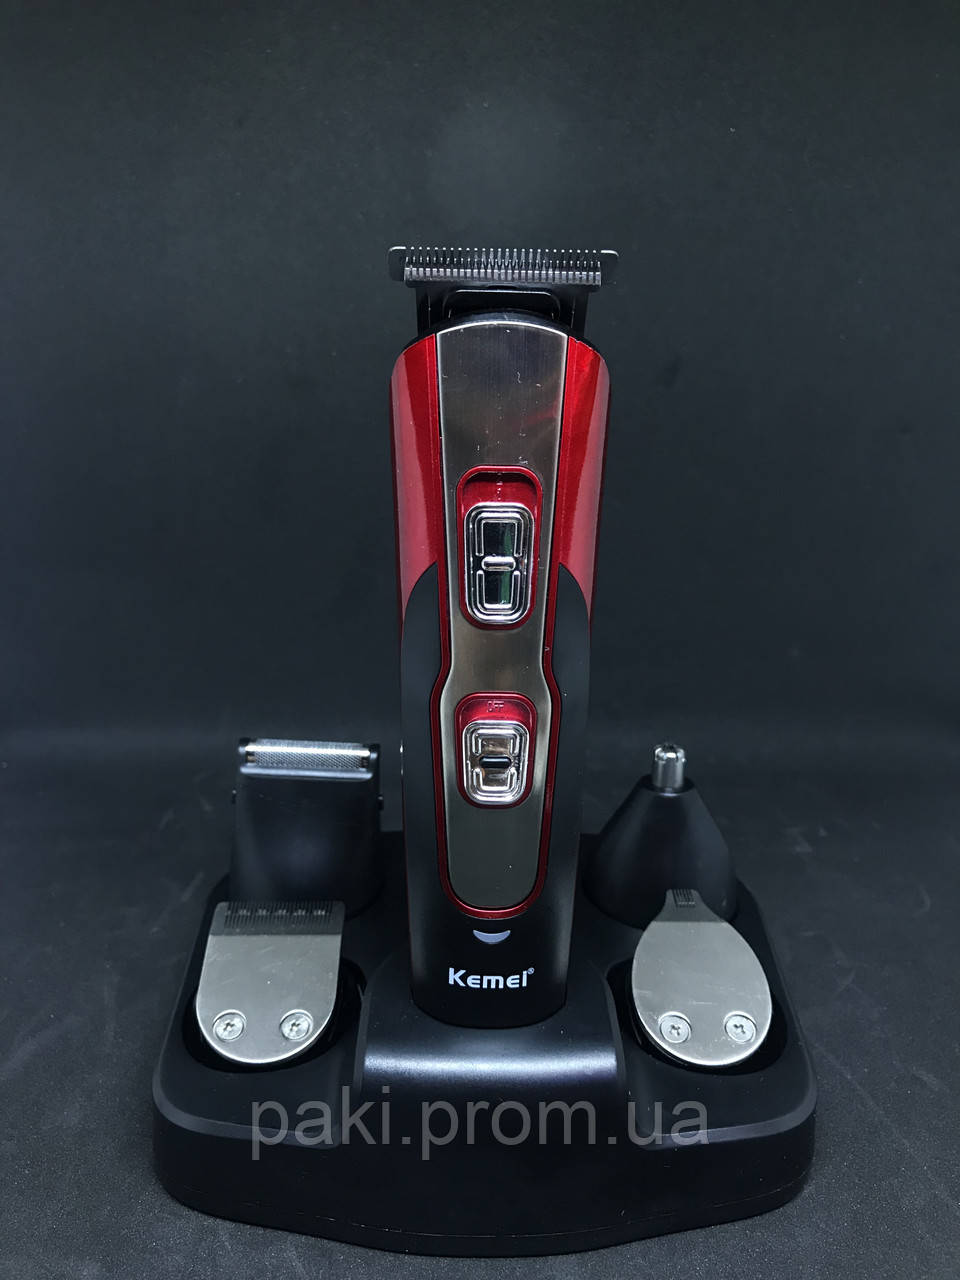 Машинка для стрижки и подравнивания бороды Kemei km-510